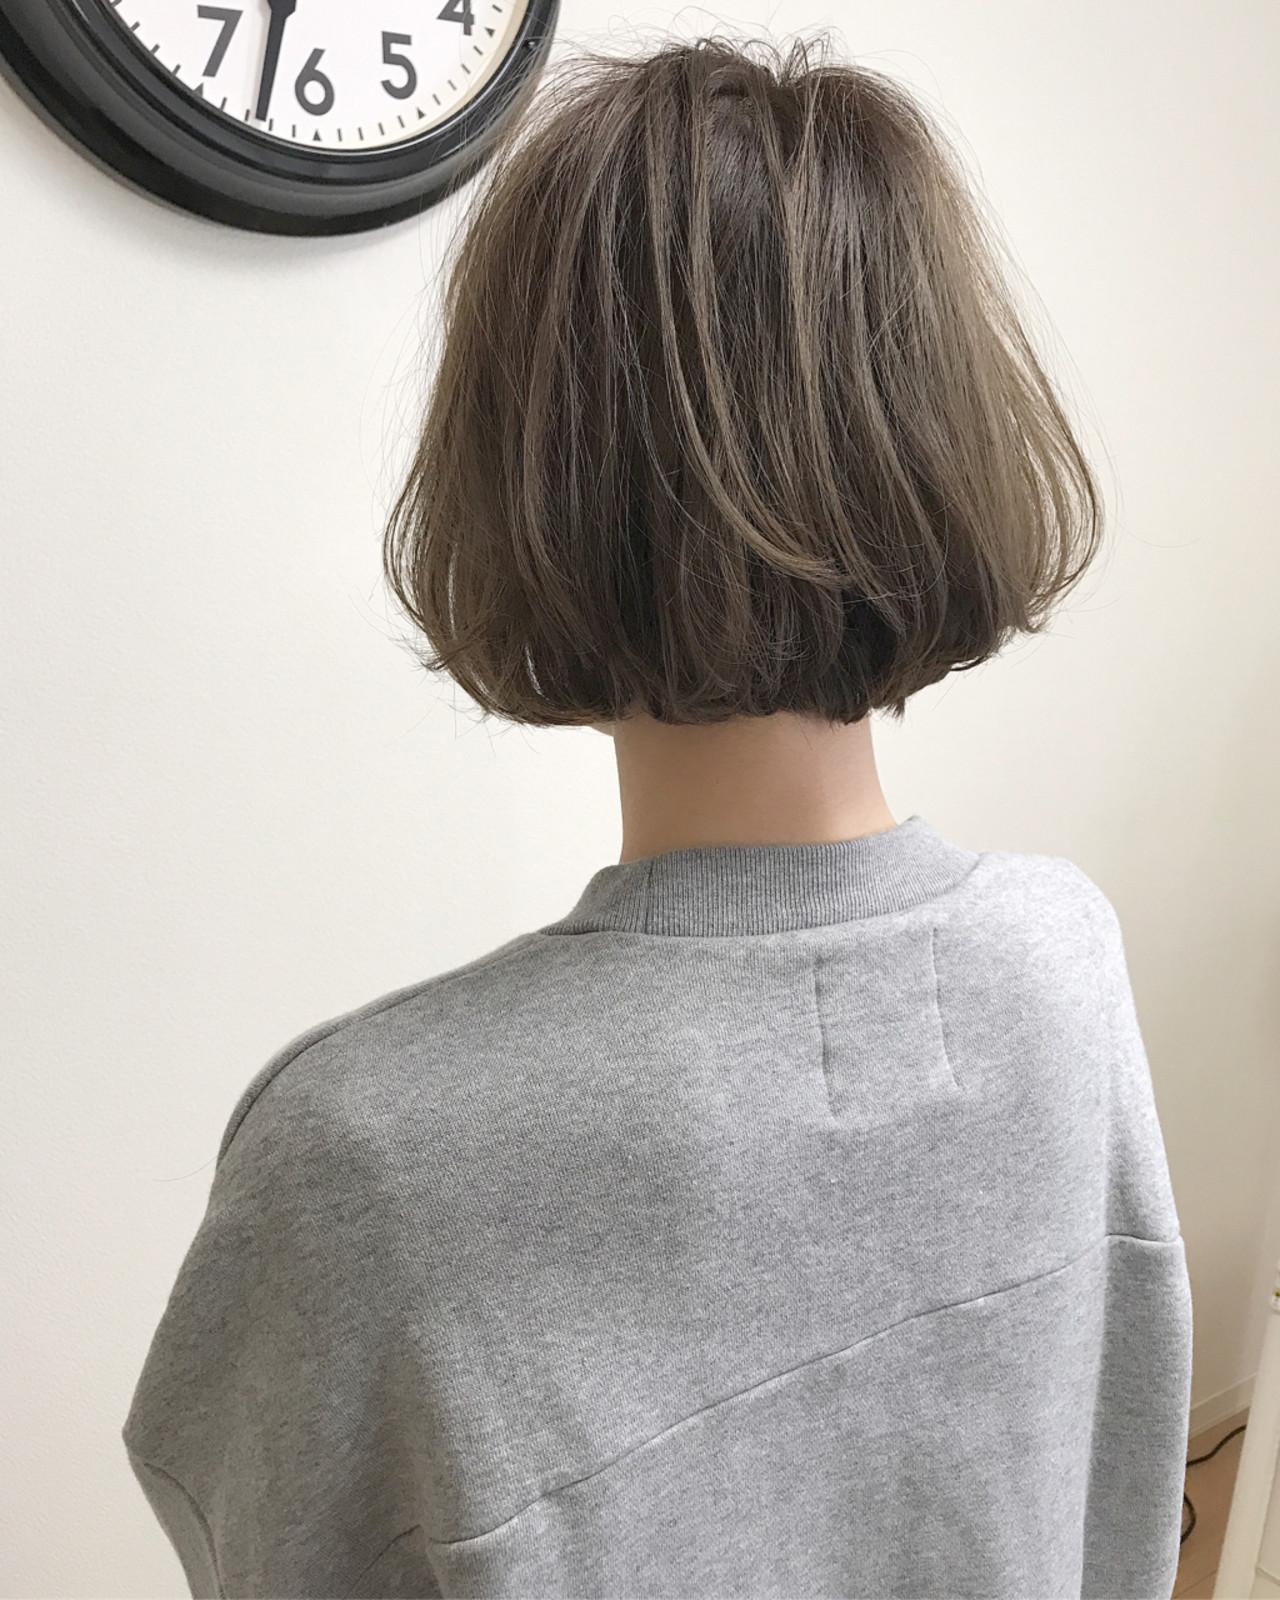 内巻き 切りっぱなし パーマ ボブ ヘアスタイルや髪型の写真・画像